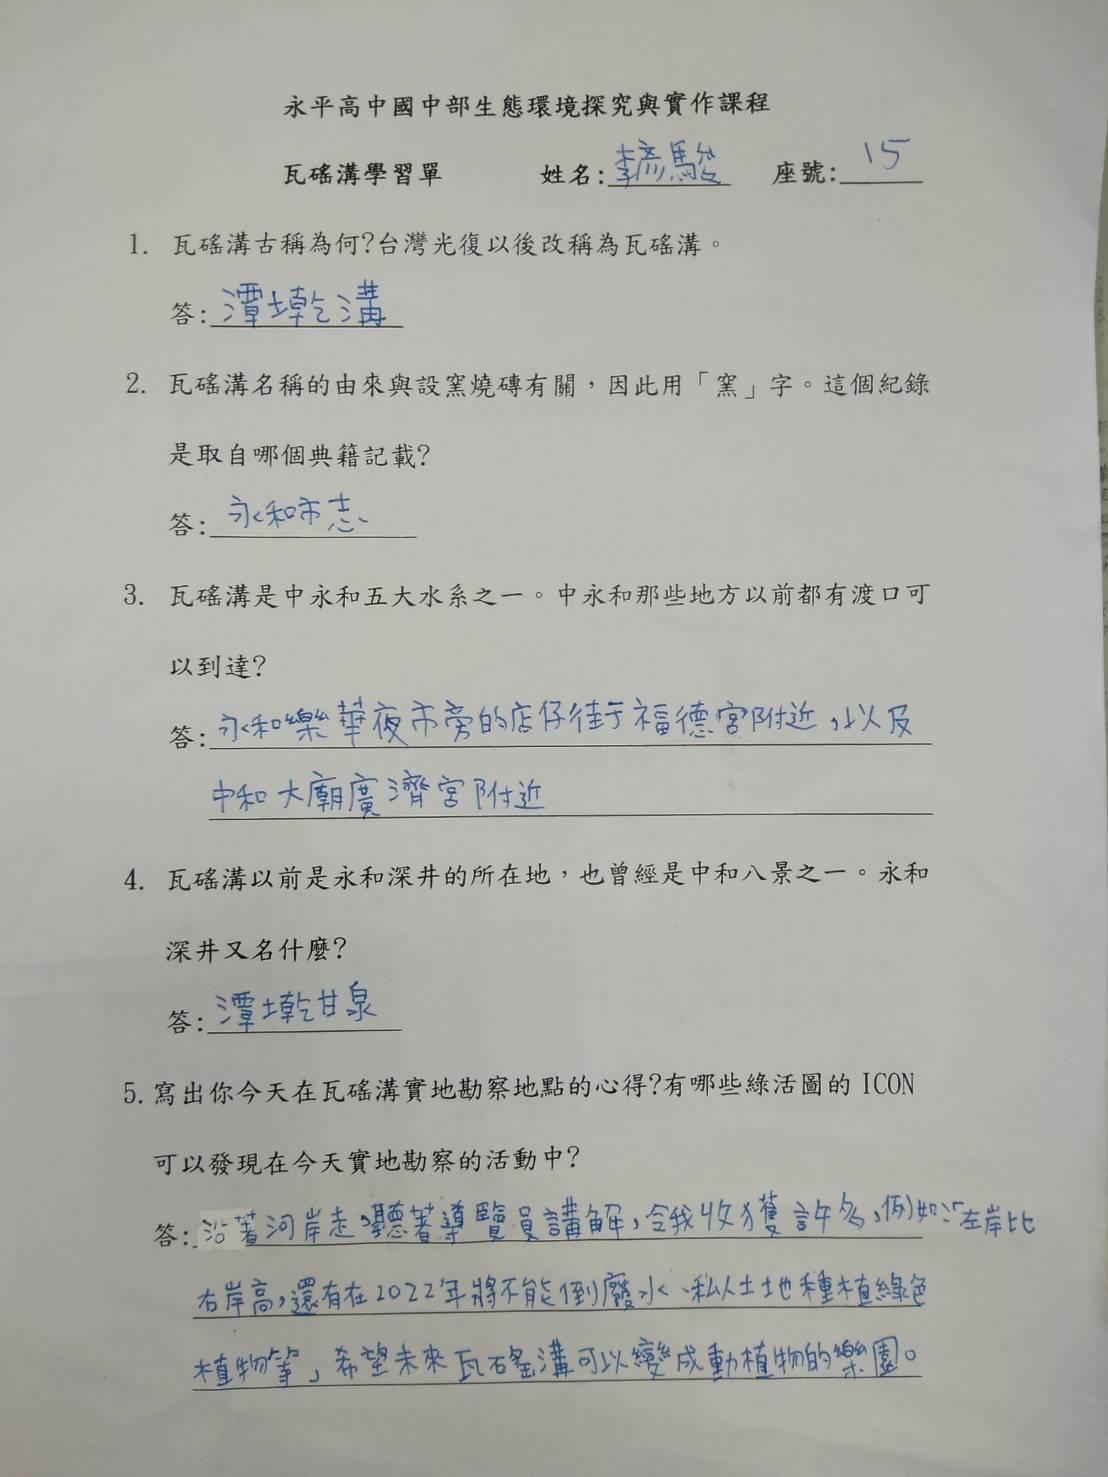 瓦磘溝學生學習單 (3)